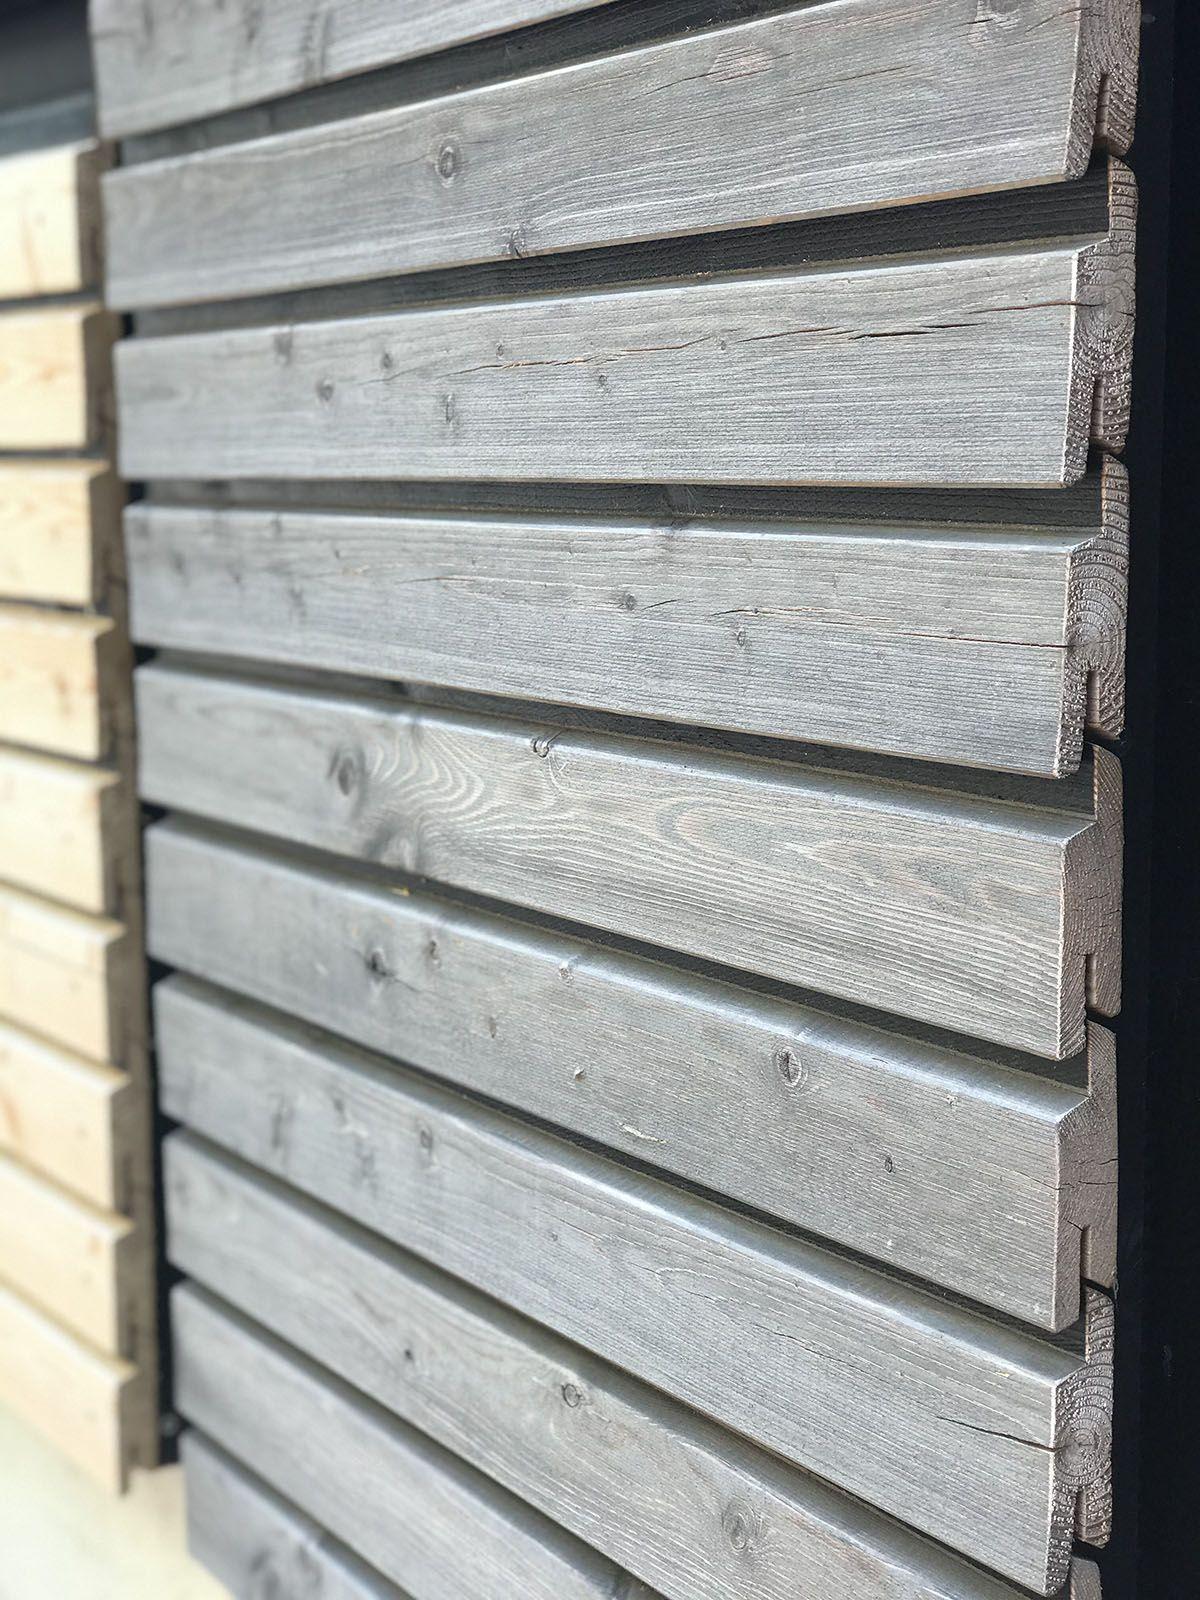 Moderne Holzfassade Aus L Rche Mit Der Optik Einer Klassischen Rhombusfassade Vielseitig Einsetzbar Als Fassadenverkl In 2020 Outdoor Structures Architecture Outdoor